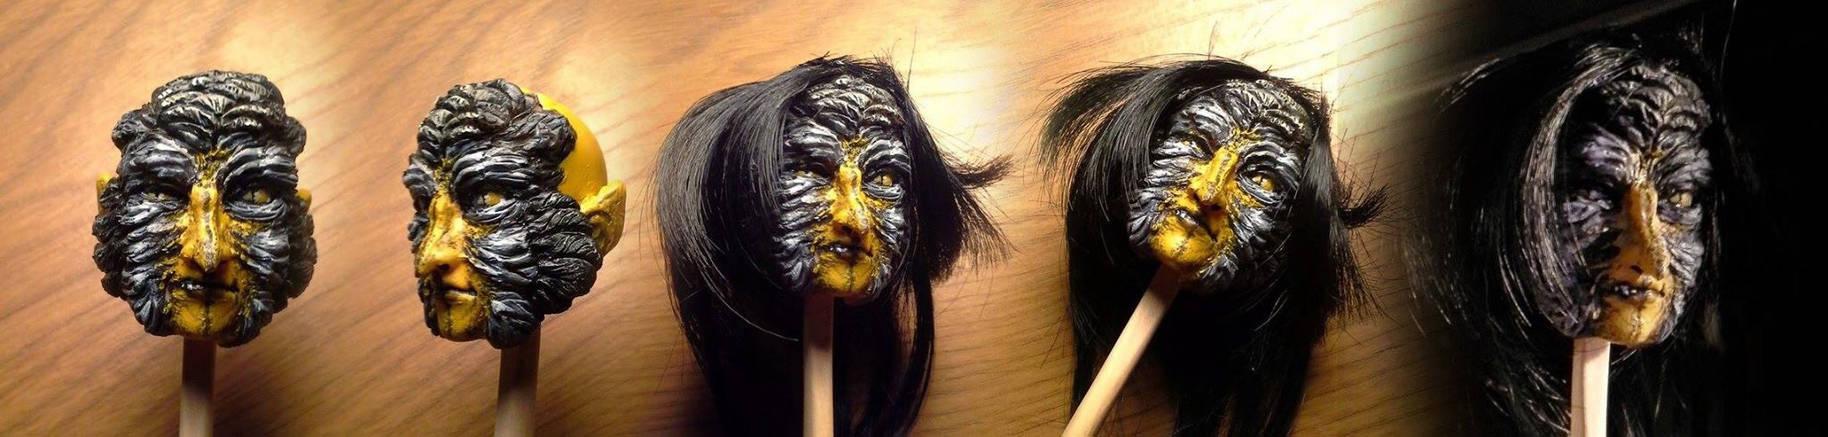 Corrigan Head Sculpt2 by bonbon3272